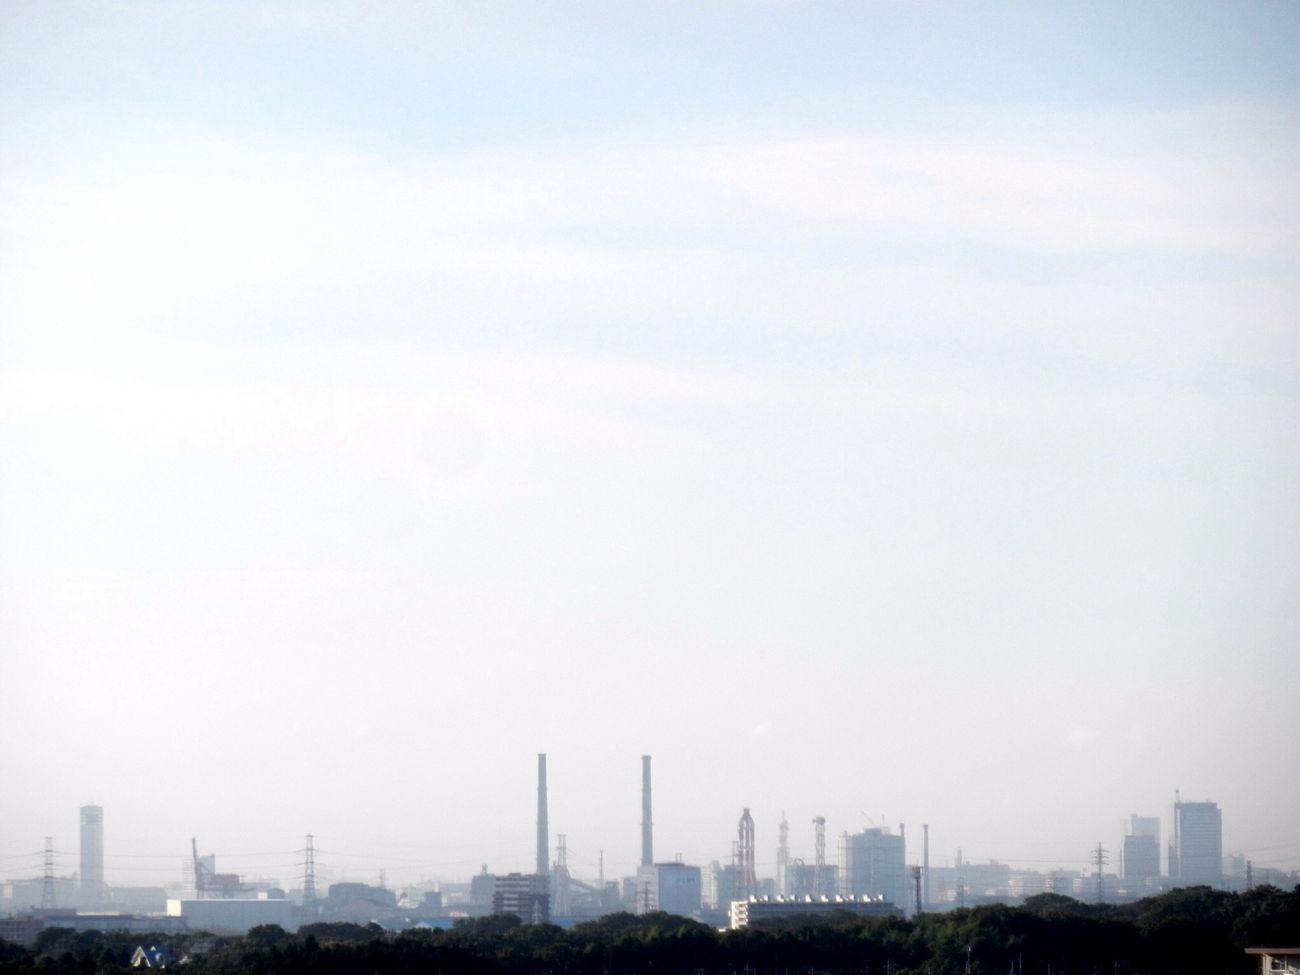 遠くに見える煙突が 夏の空気で霞んで見える NIKON S800c Bird's-eye View